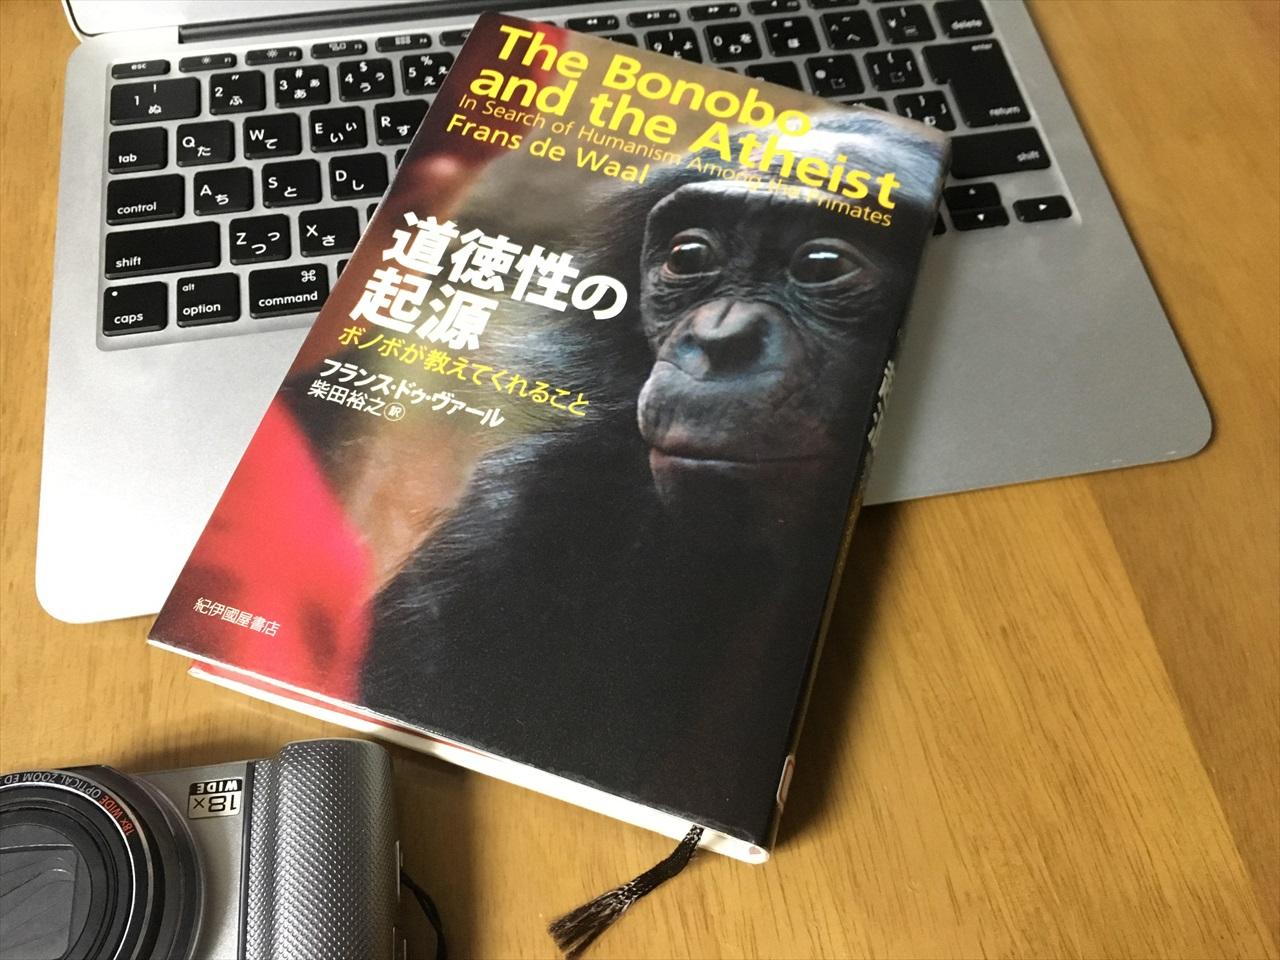 書評:フランス・ドゥ・ヴァール(柴田裕之訳)『道徳性の起源 ボノボが教えてくれること』紀伊國屋書店。